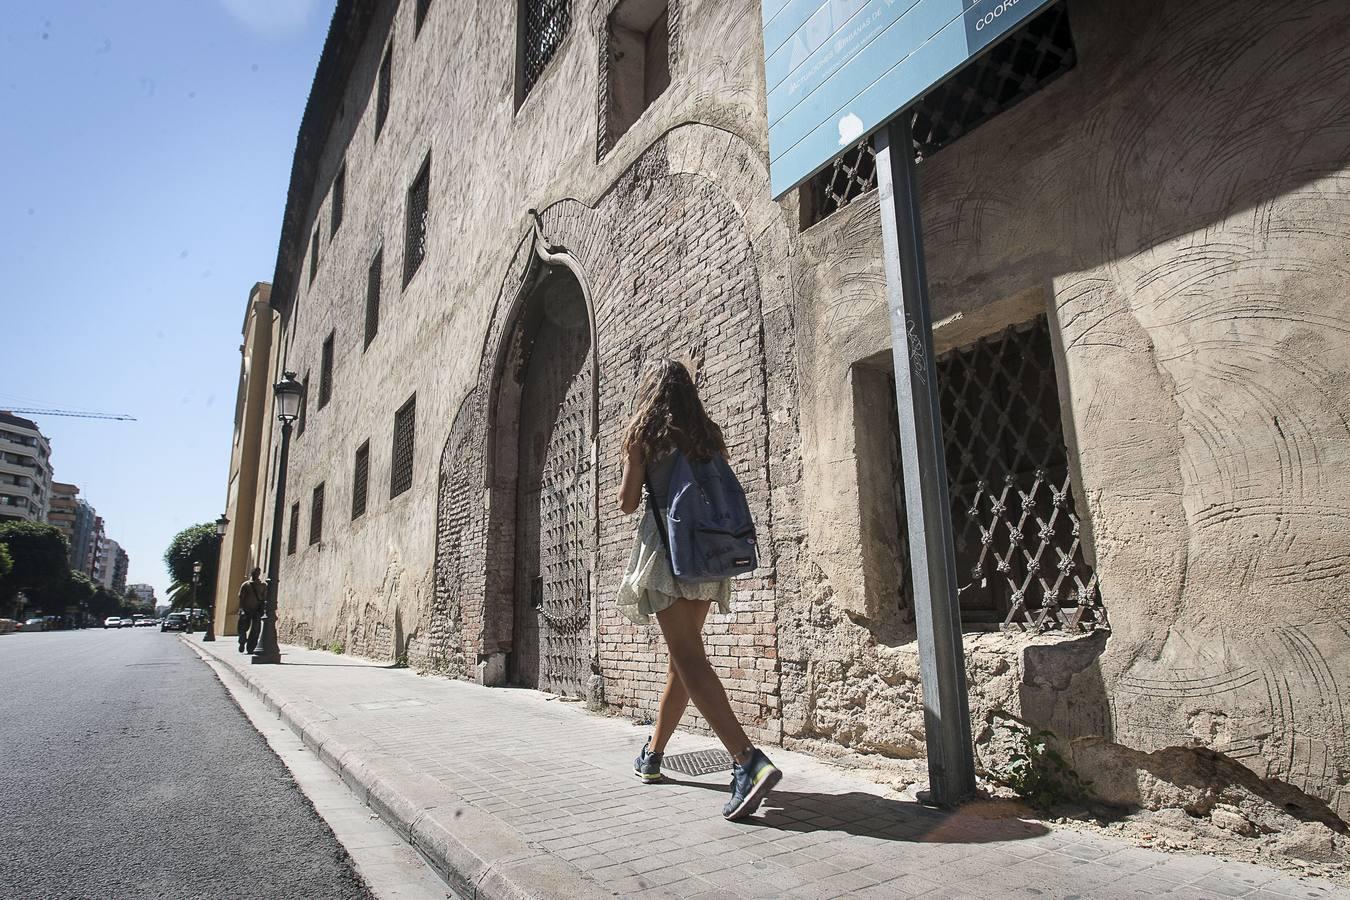 San Vicente es fiesta 'de cruces para adentro' Anécdotas de la Historia - Blogs lasprovincias.es